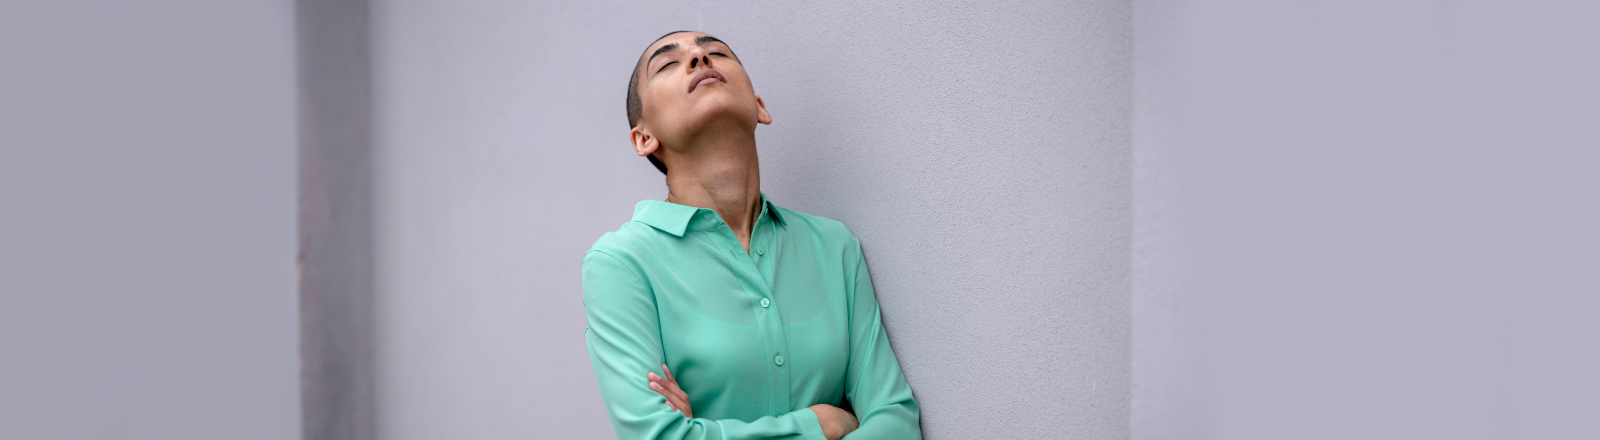 Eine Frau guckt erschöpft nach oben